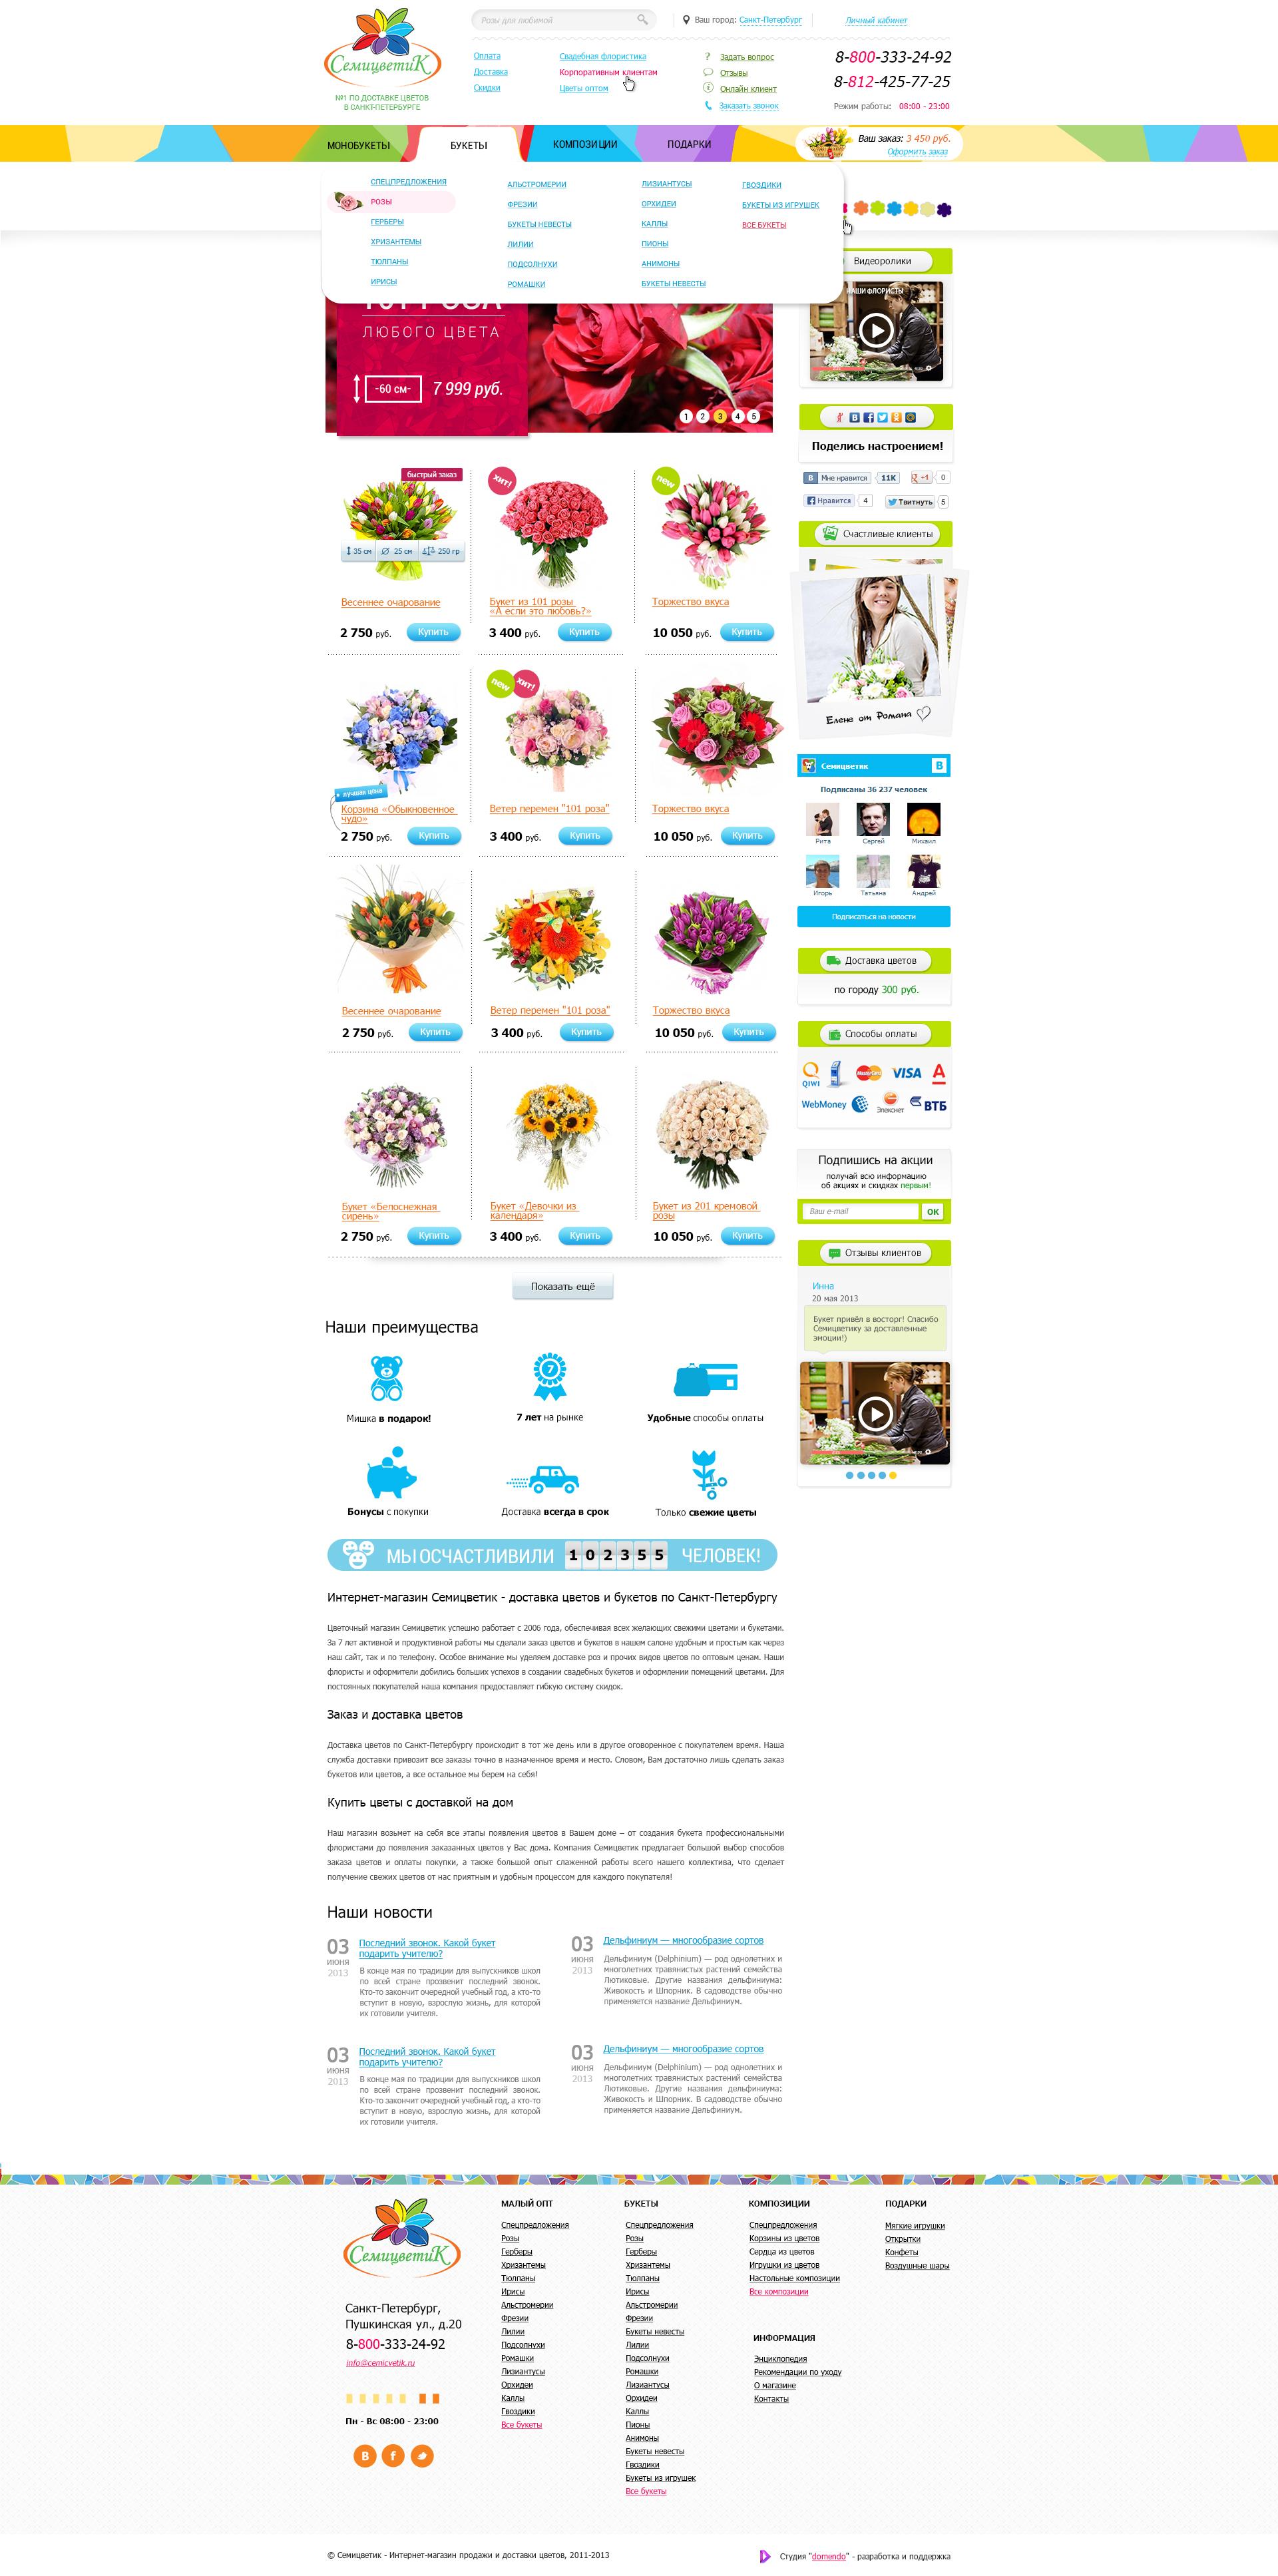 Семицветик, интернет-магазин цветов